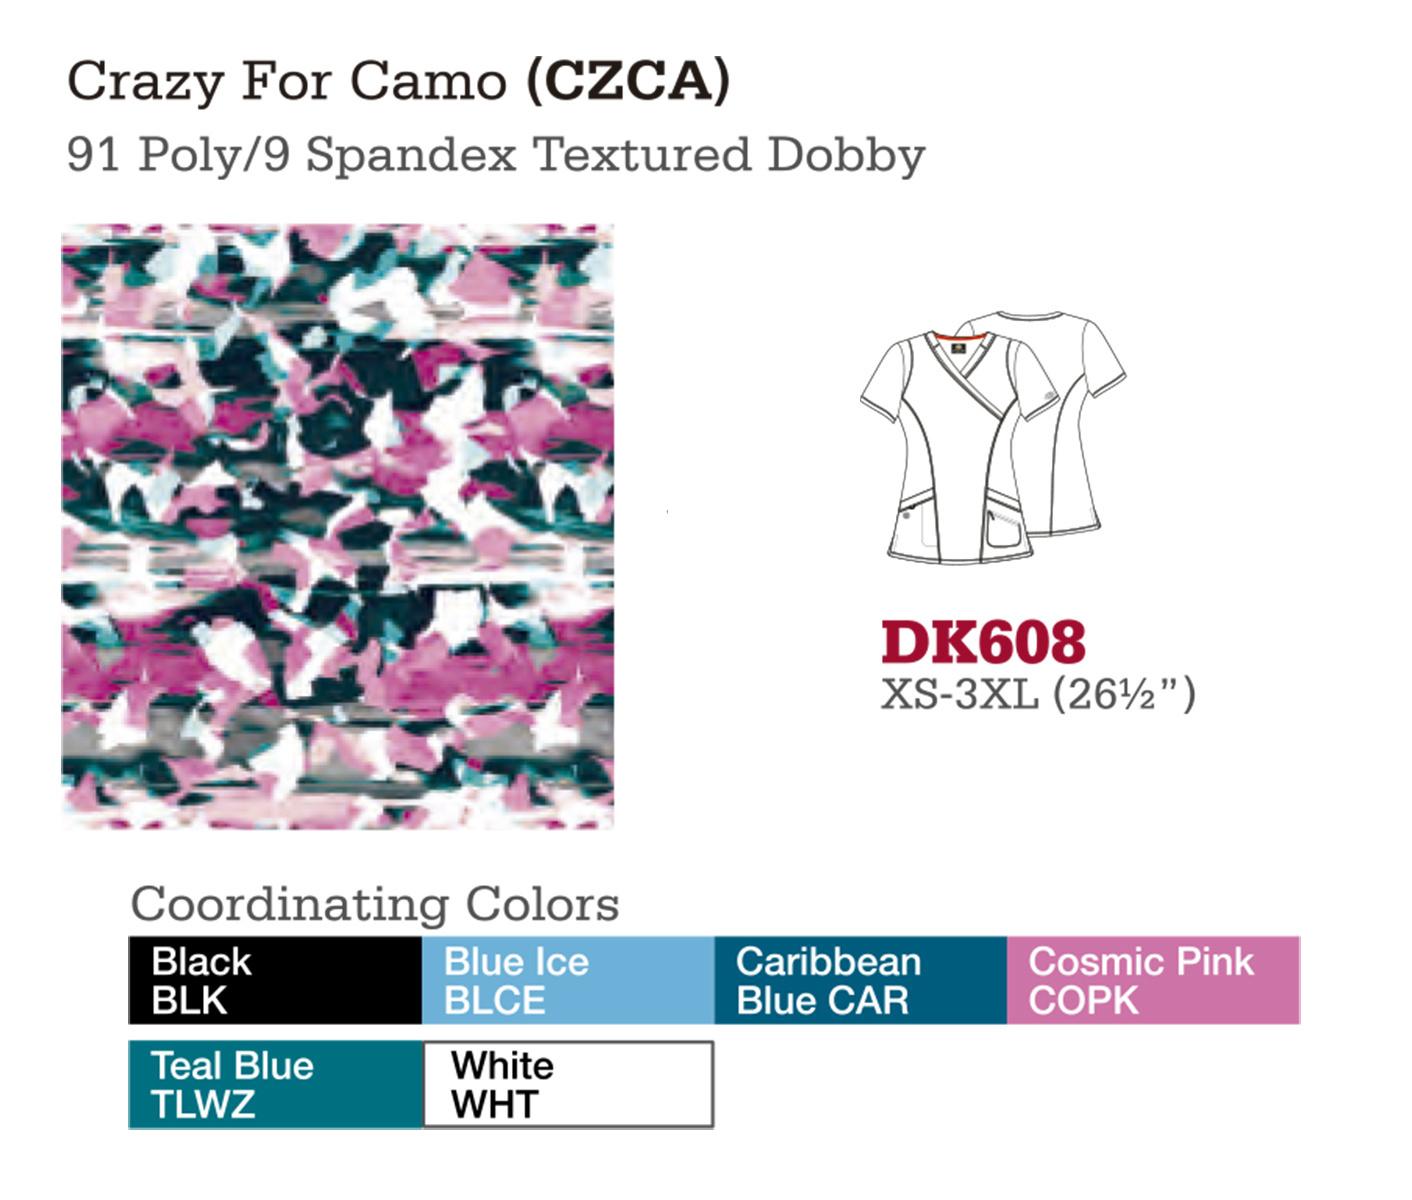 Crazy For Camo. DK608.